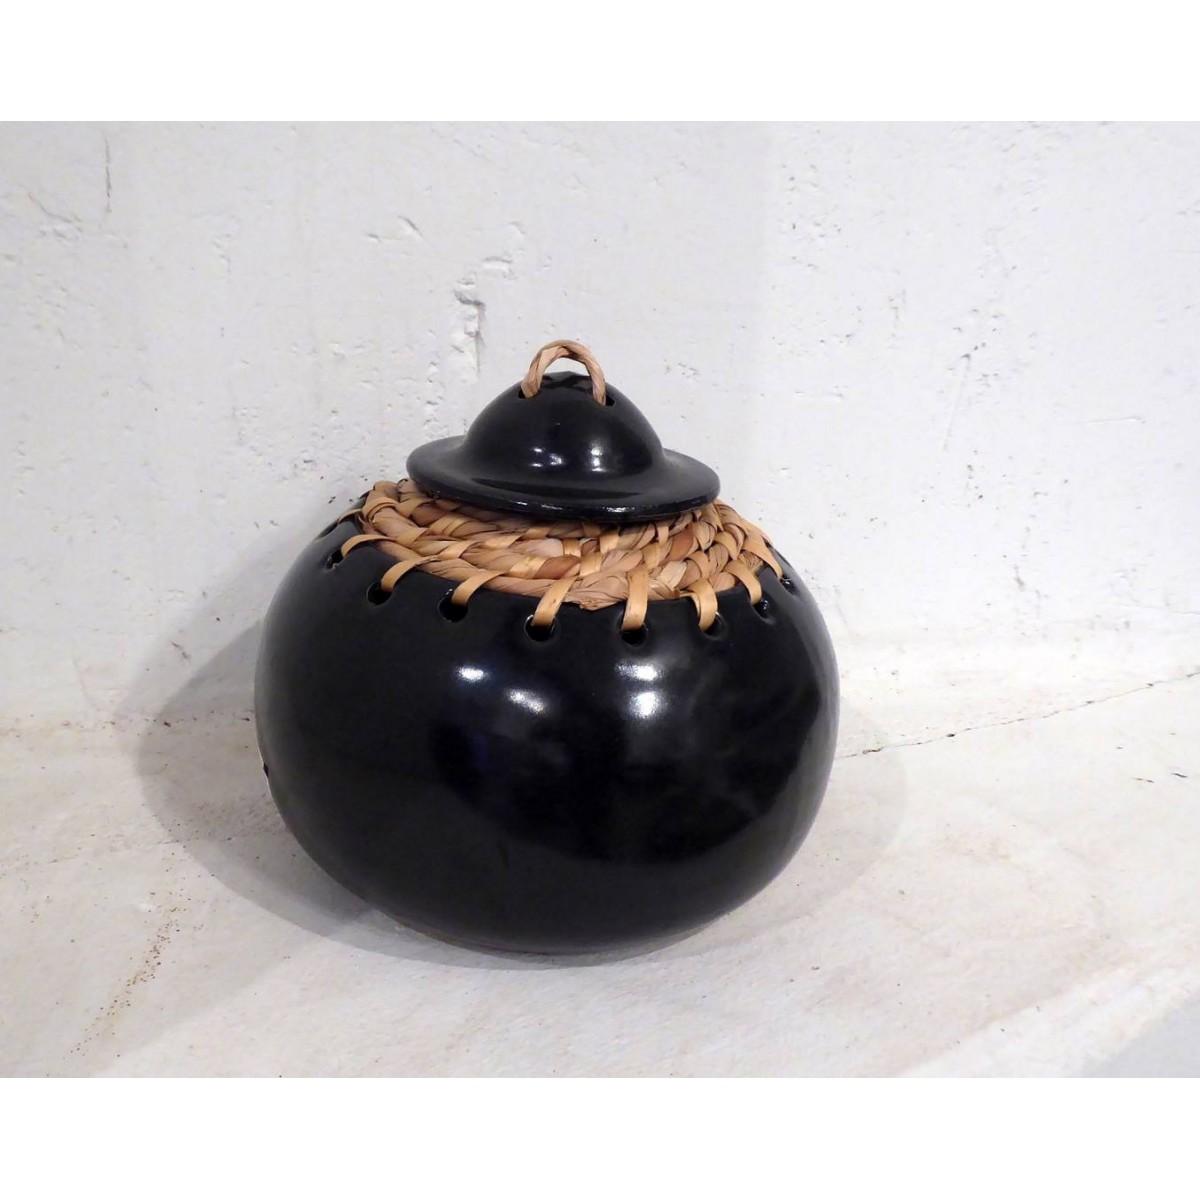 Caja de cerámica torneada en dos piezas